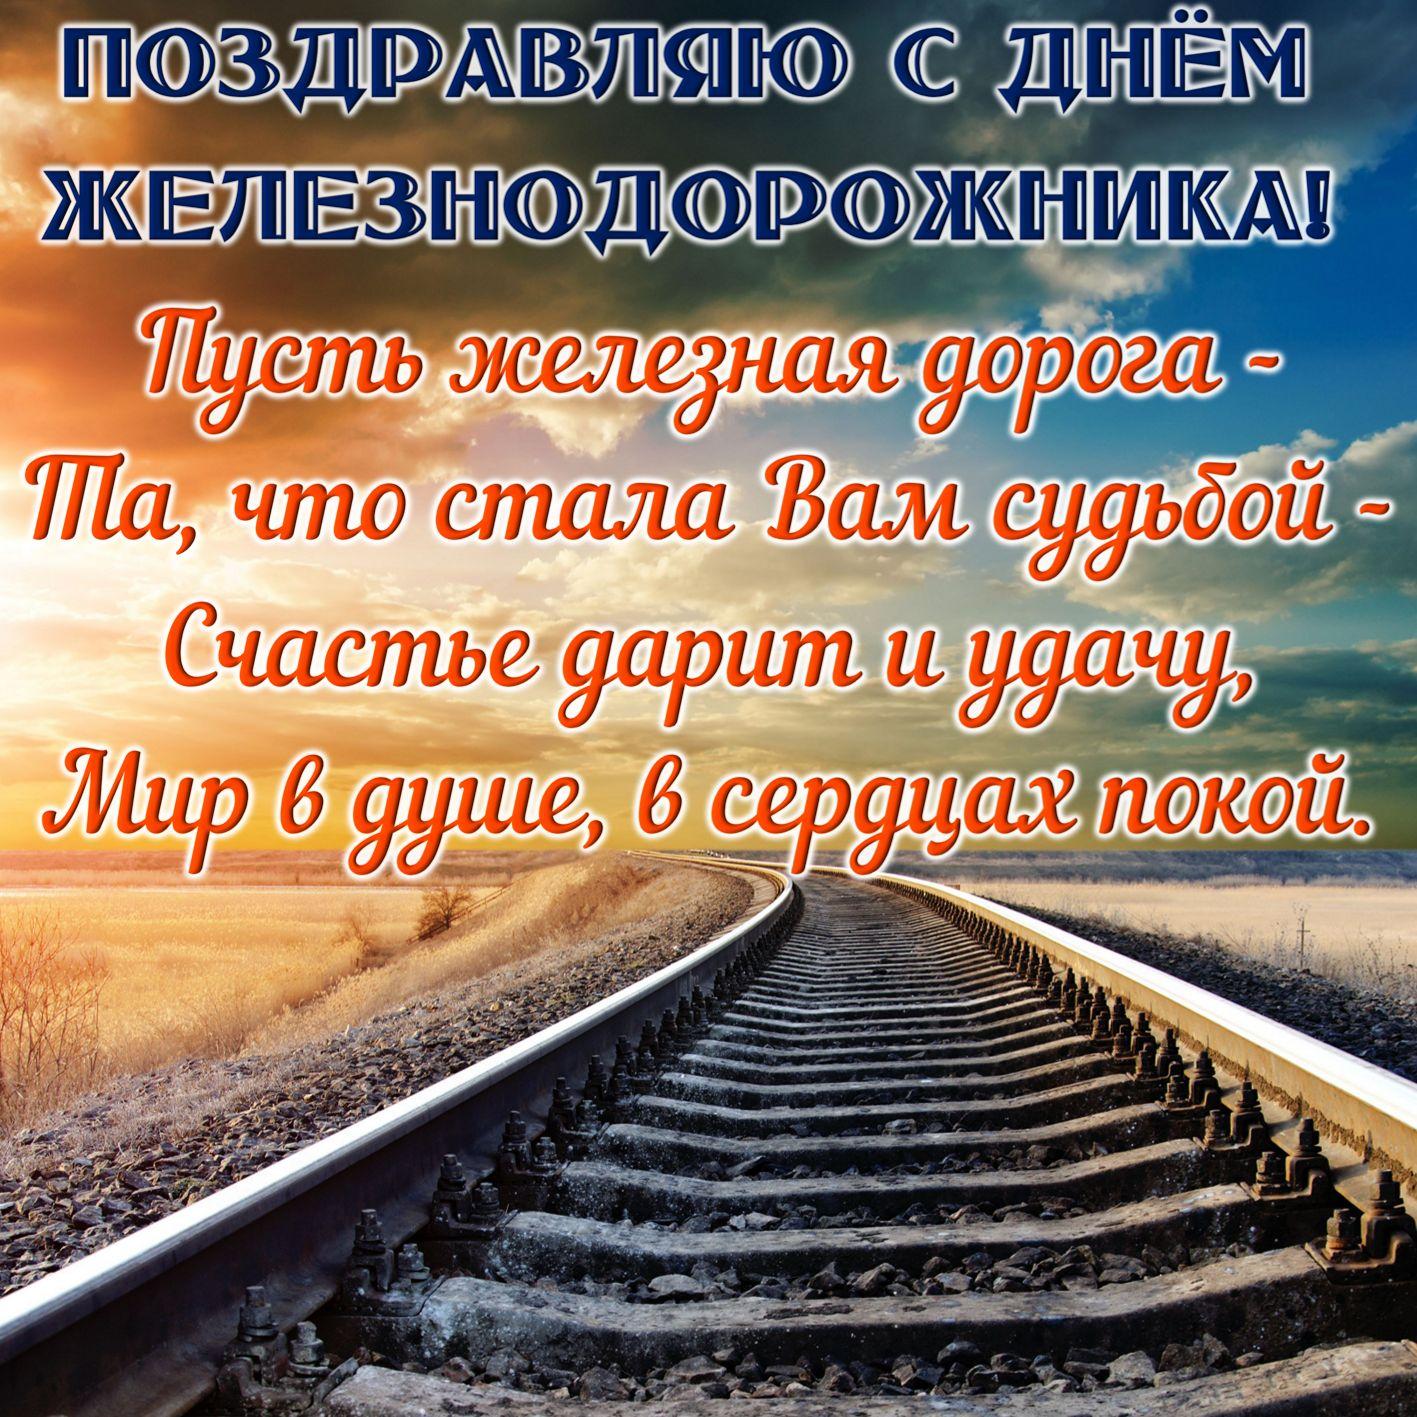 Картинка к дню железнодорожника, про дружбу друзьями